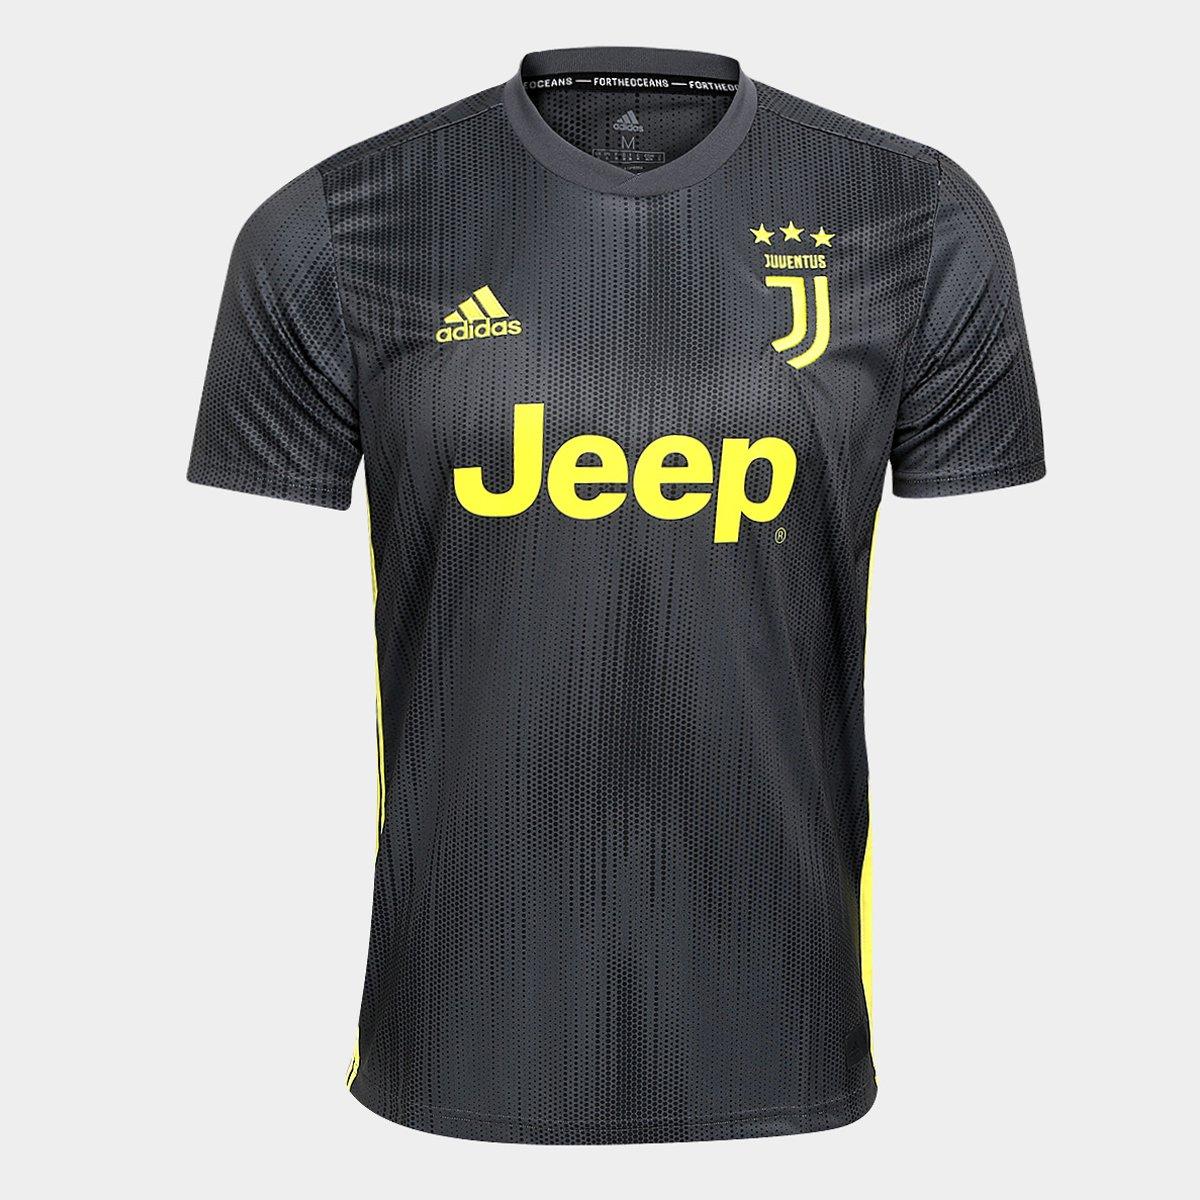 d725aa50c991d Camisa Juventus Third 2018 s n° - Torcedor Adidas Masculina - Compre Agora